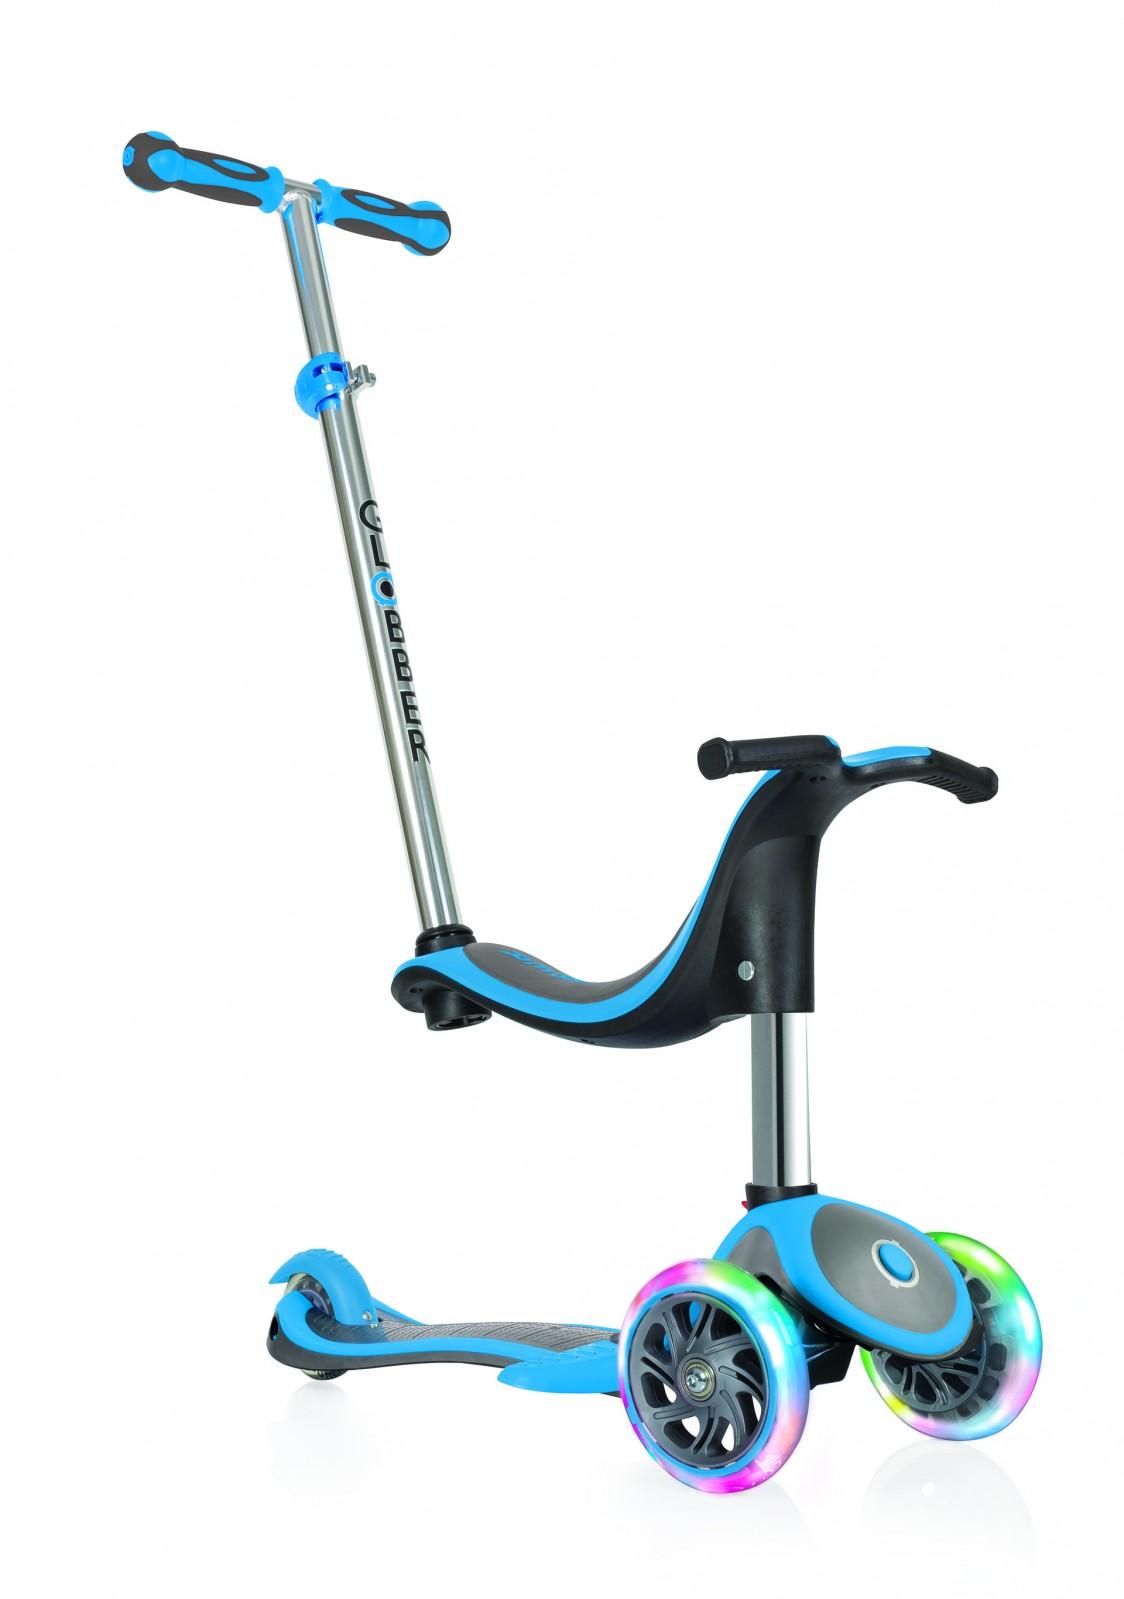 Самокат Globber EVO 4 IN 1 PLUS LIGHTS, трансформер, с подножкой, светящимися передними колесами, цвет: голубой. globber globber самокат с сиденьем evo 4 в 1 plus c подножками и 3 светящимися колесами голубой